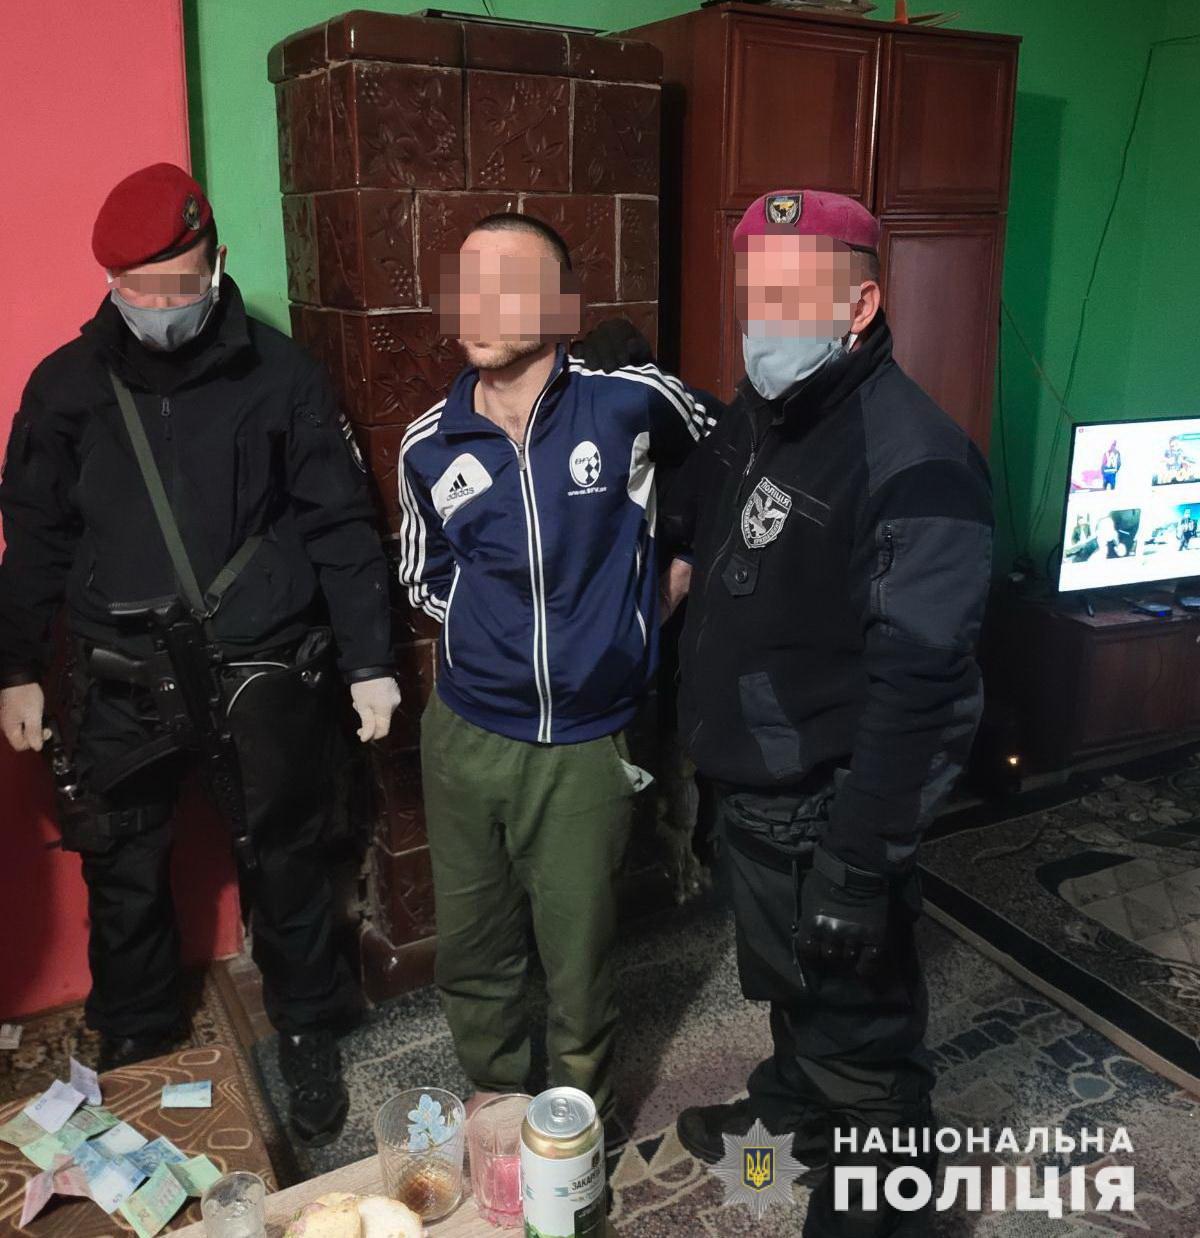 В Берегівському районі викрили сутенера, який силою змушував дівчат 15 і 16 років до проституції